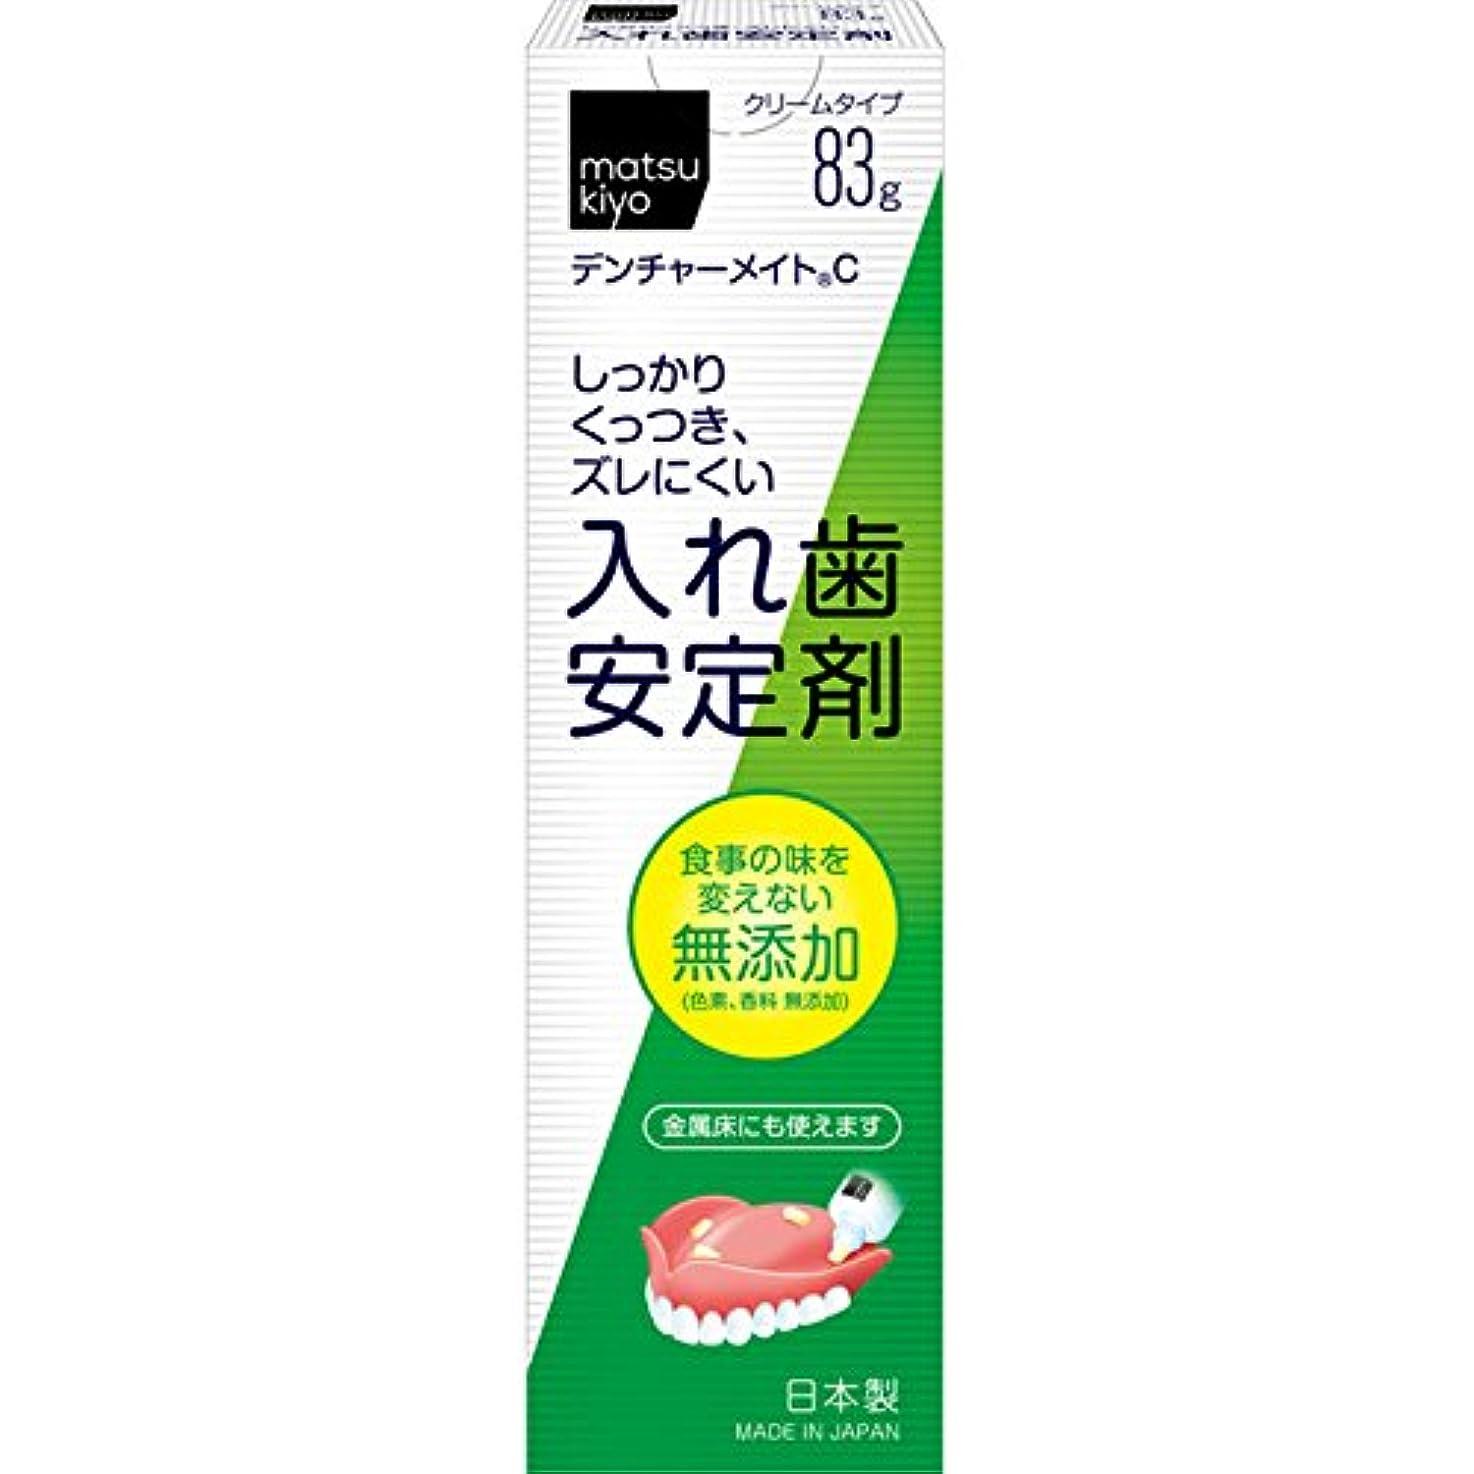 並外れたイソギンチャク有益matsukiyo 入れ歯安定剤 無添加 83g